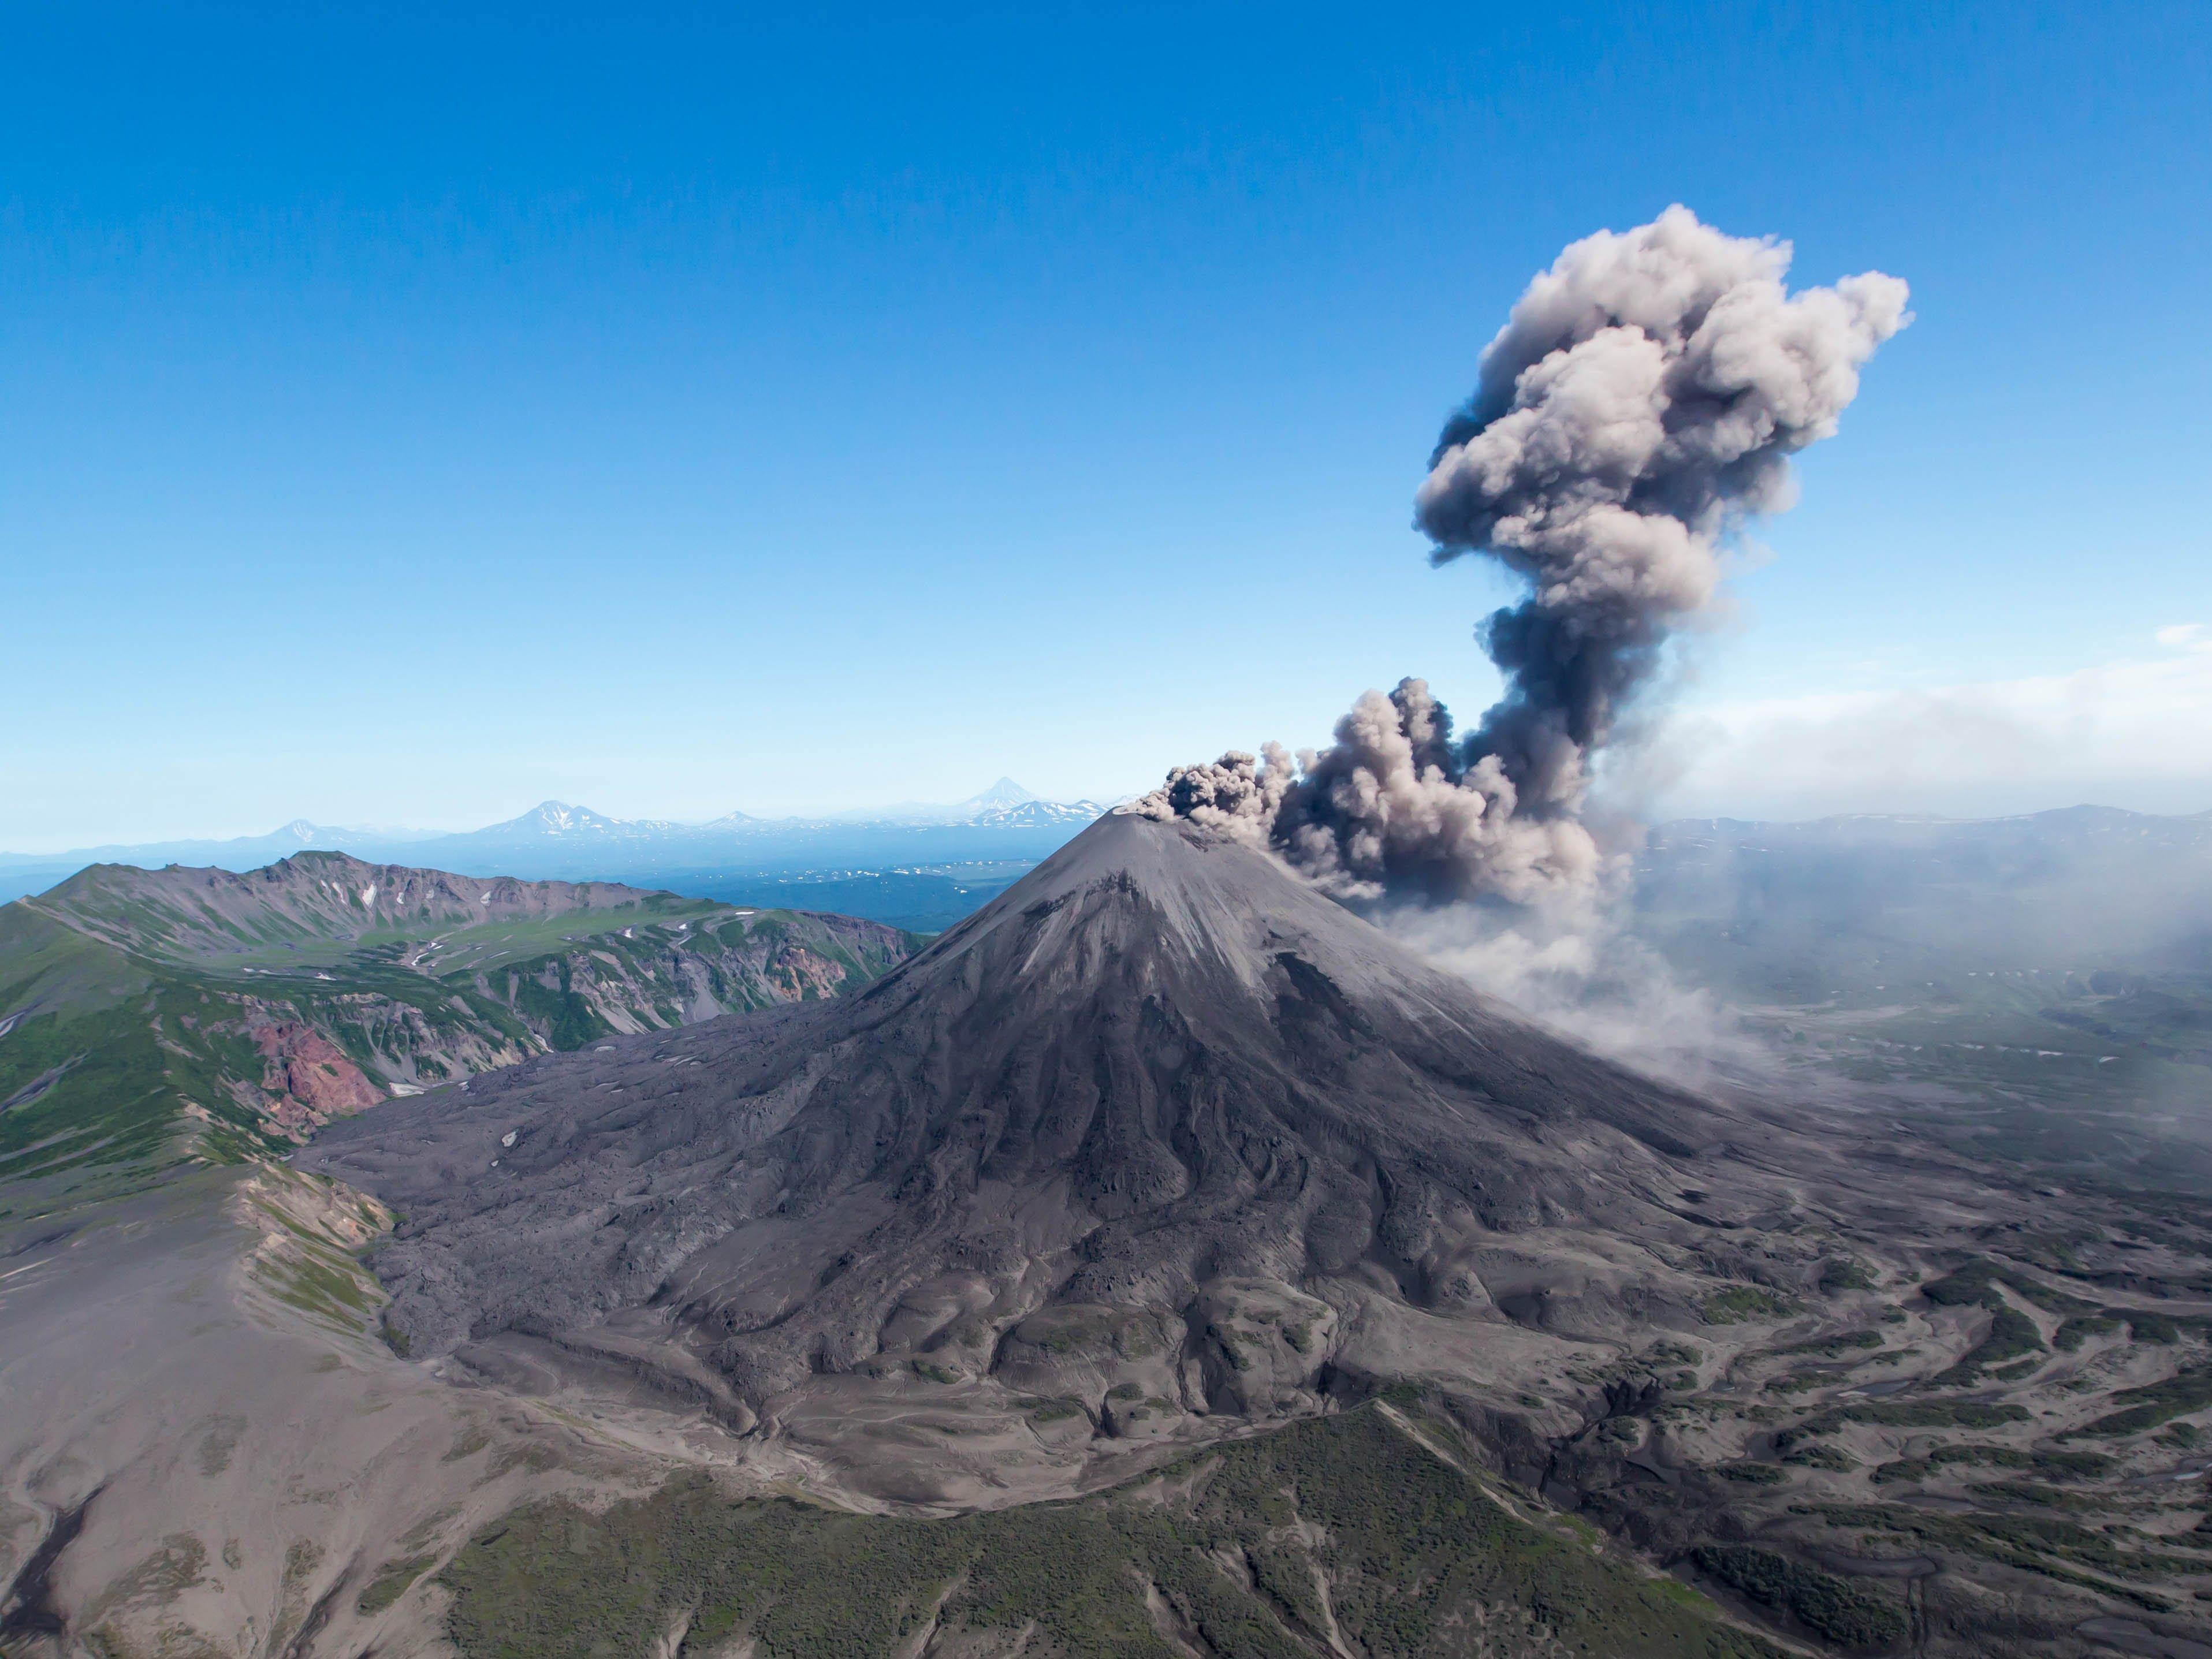 Казино новое вулкан Лизово установить Вилкан играть на планшет Ленс скачать